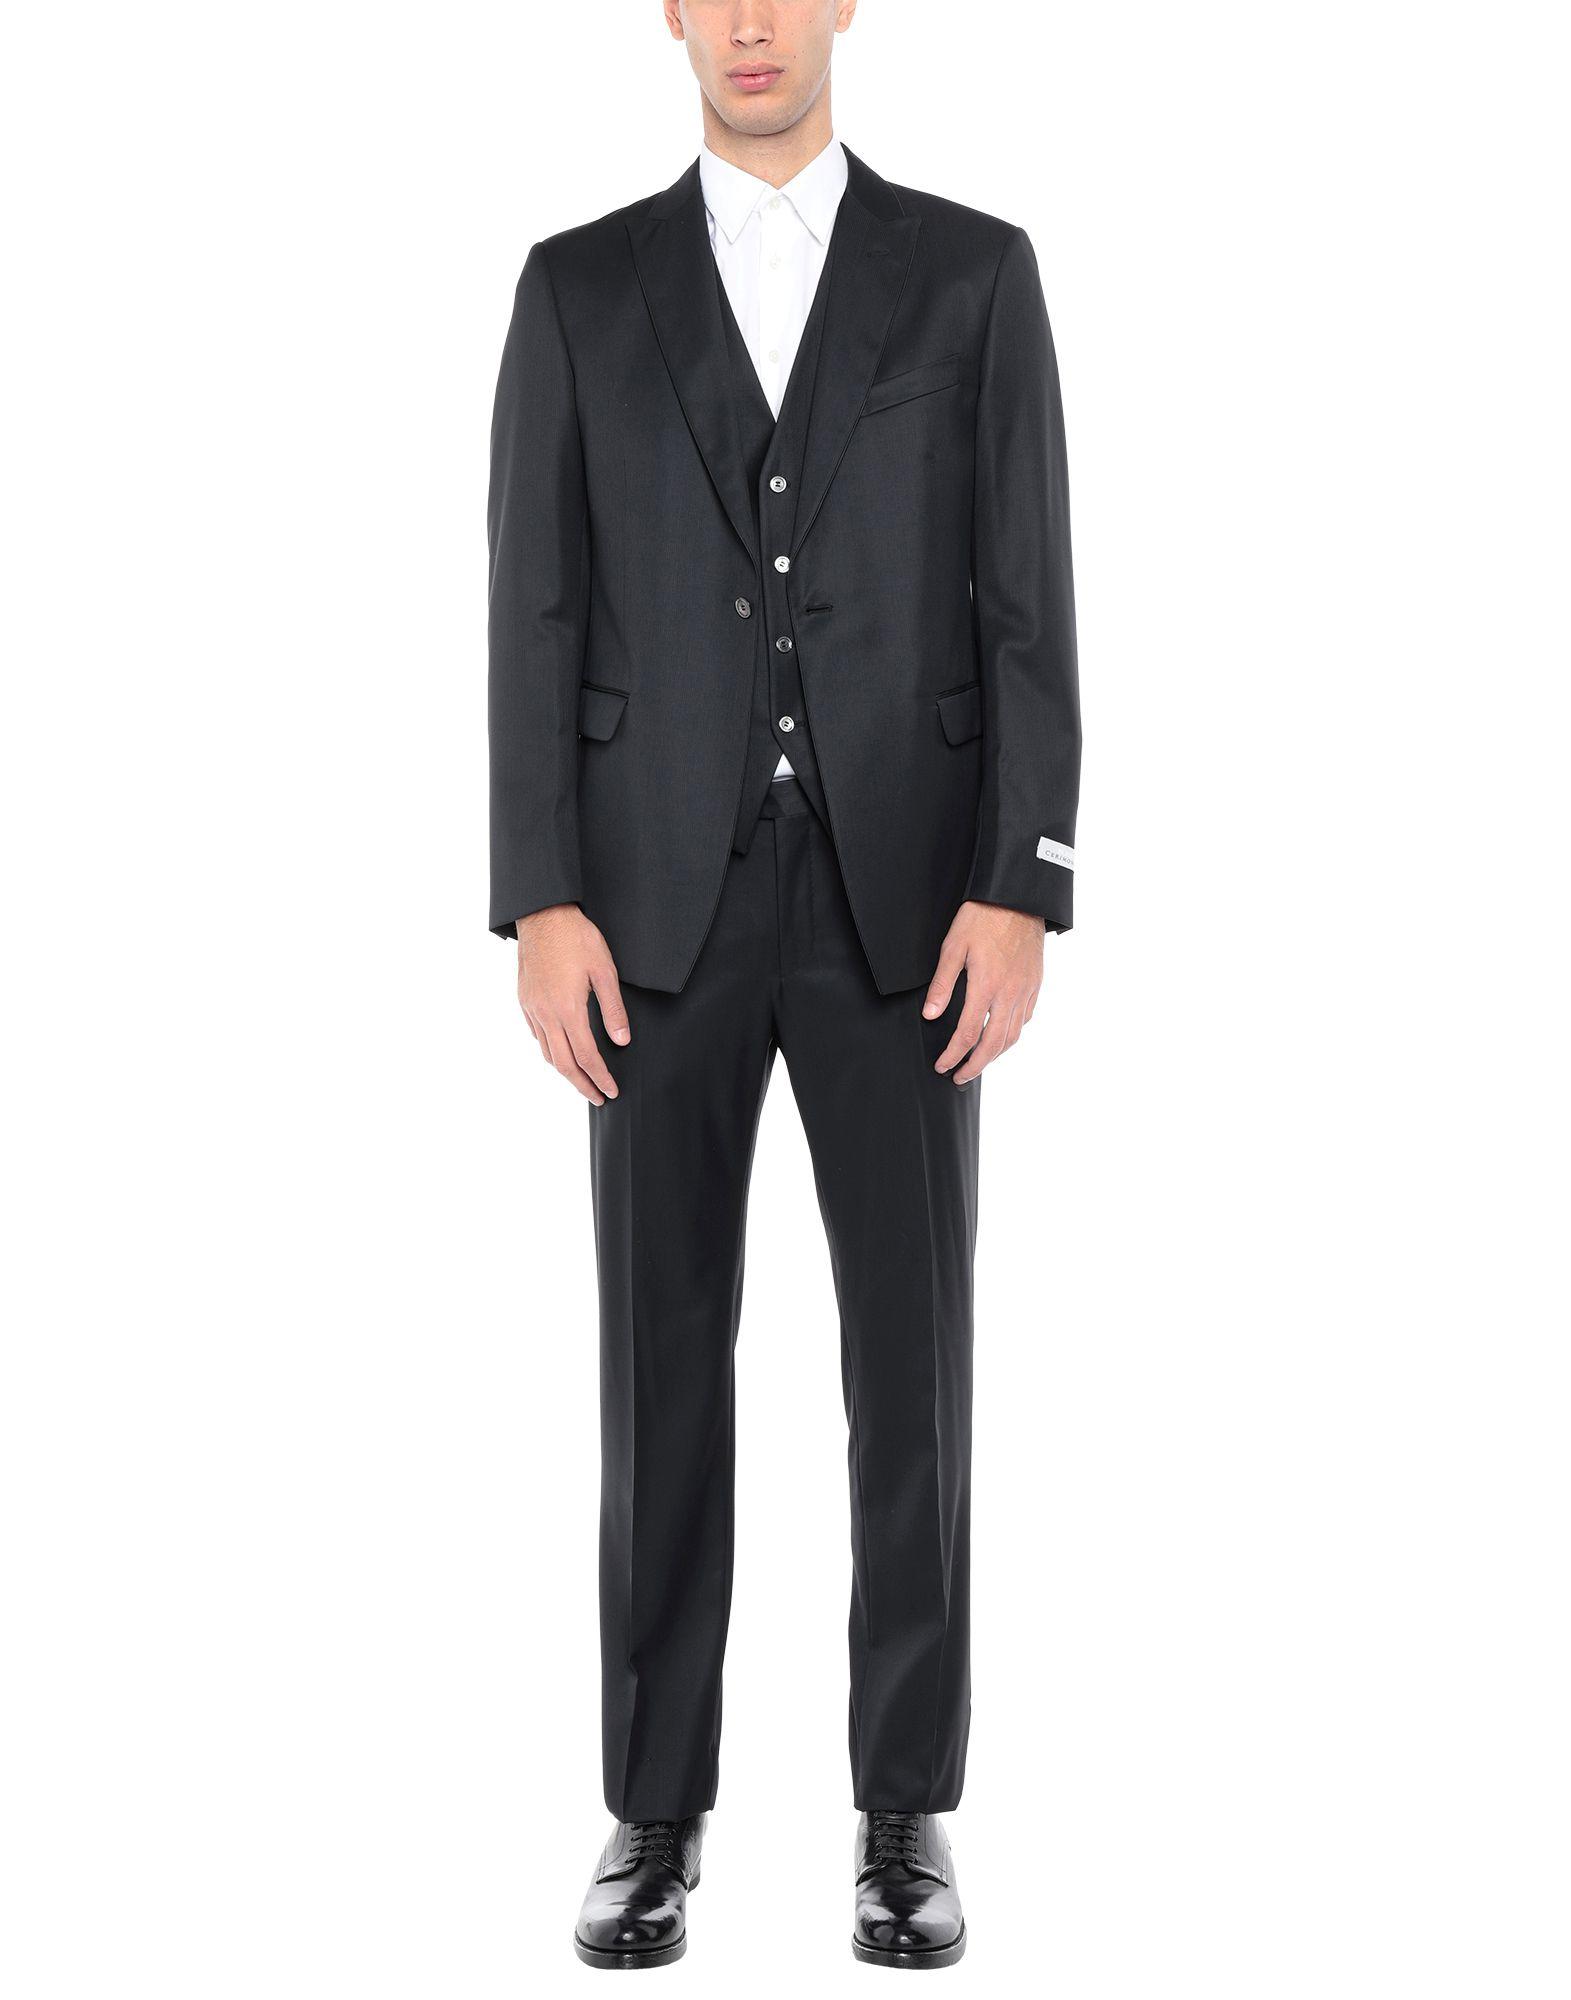 《送料無料》PAL ZILERI CERIMONIA メンズ スーツ ブラック 52 スーパー130 ウール 100%